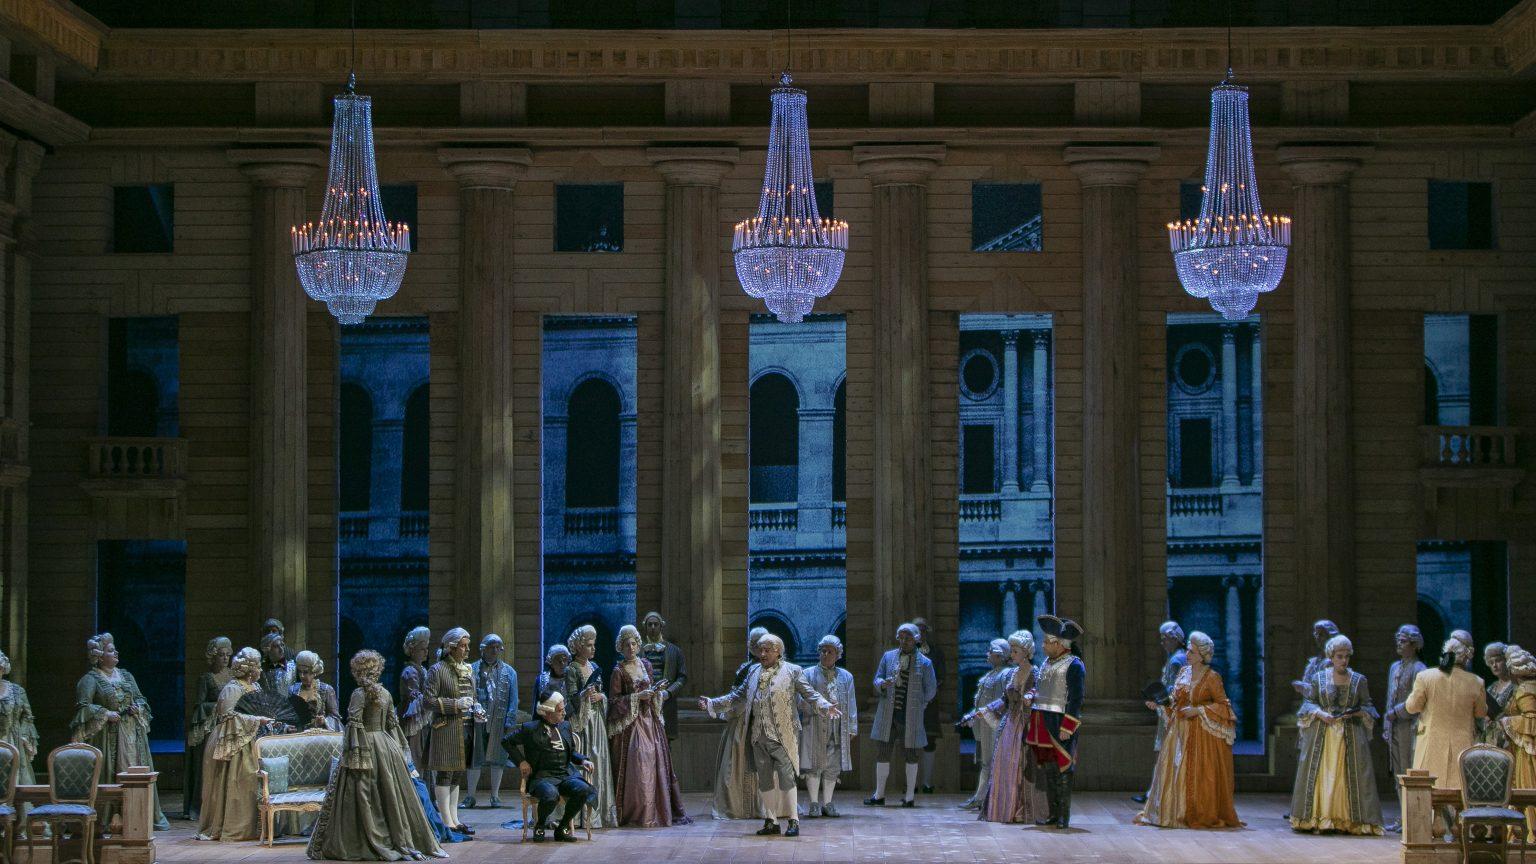 Κωνσταντίνος Μπούρας: ΔΙΑΔΙΚΤΥΑΚΗ ΚΡΙΤΙΚΗ για την πρώτη επετειακή παραγωγή της Εθνικής Λυρικής Σκηνής για το 2021